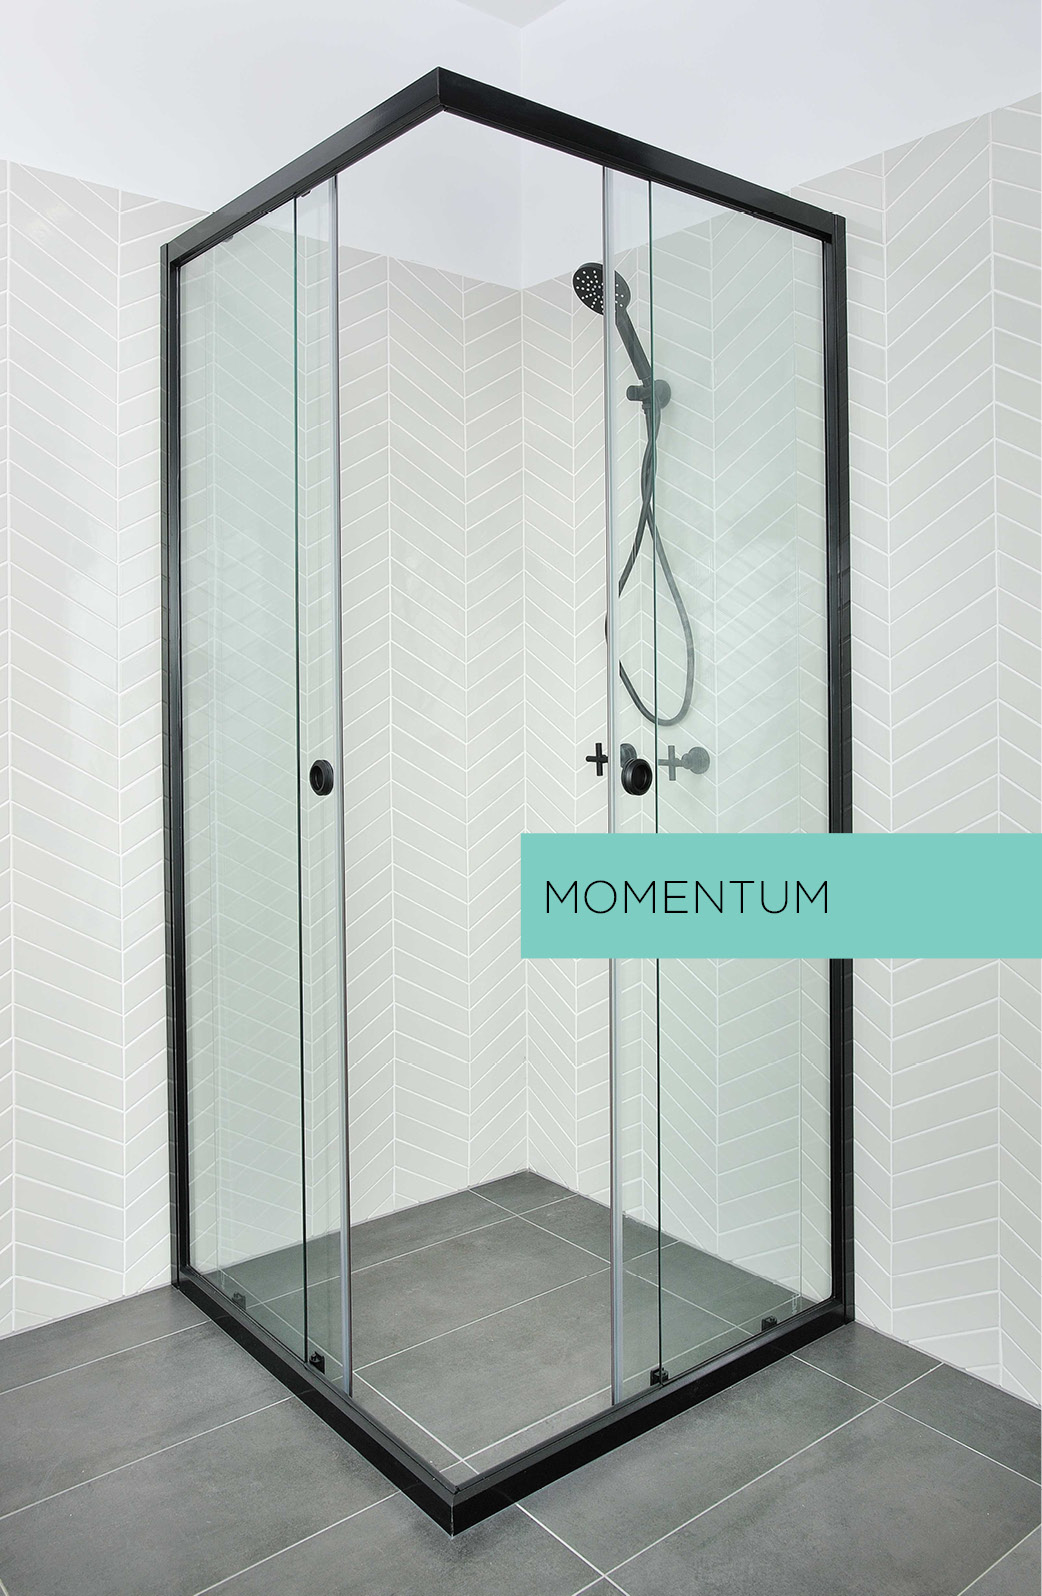 Momentum sliding shower screen in black